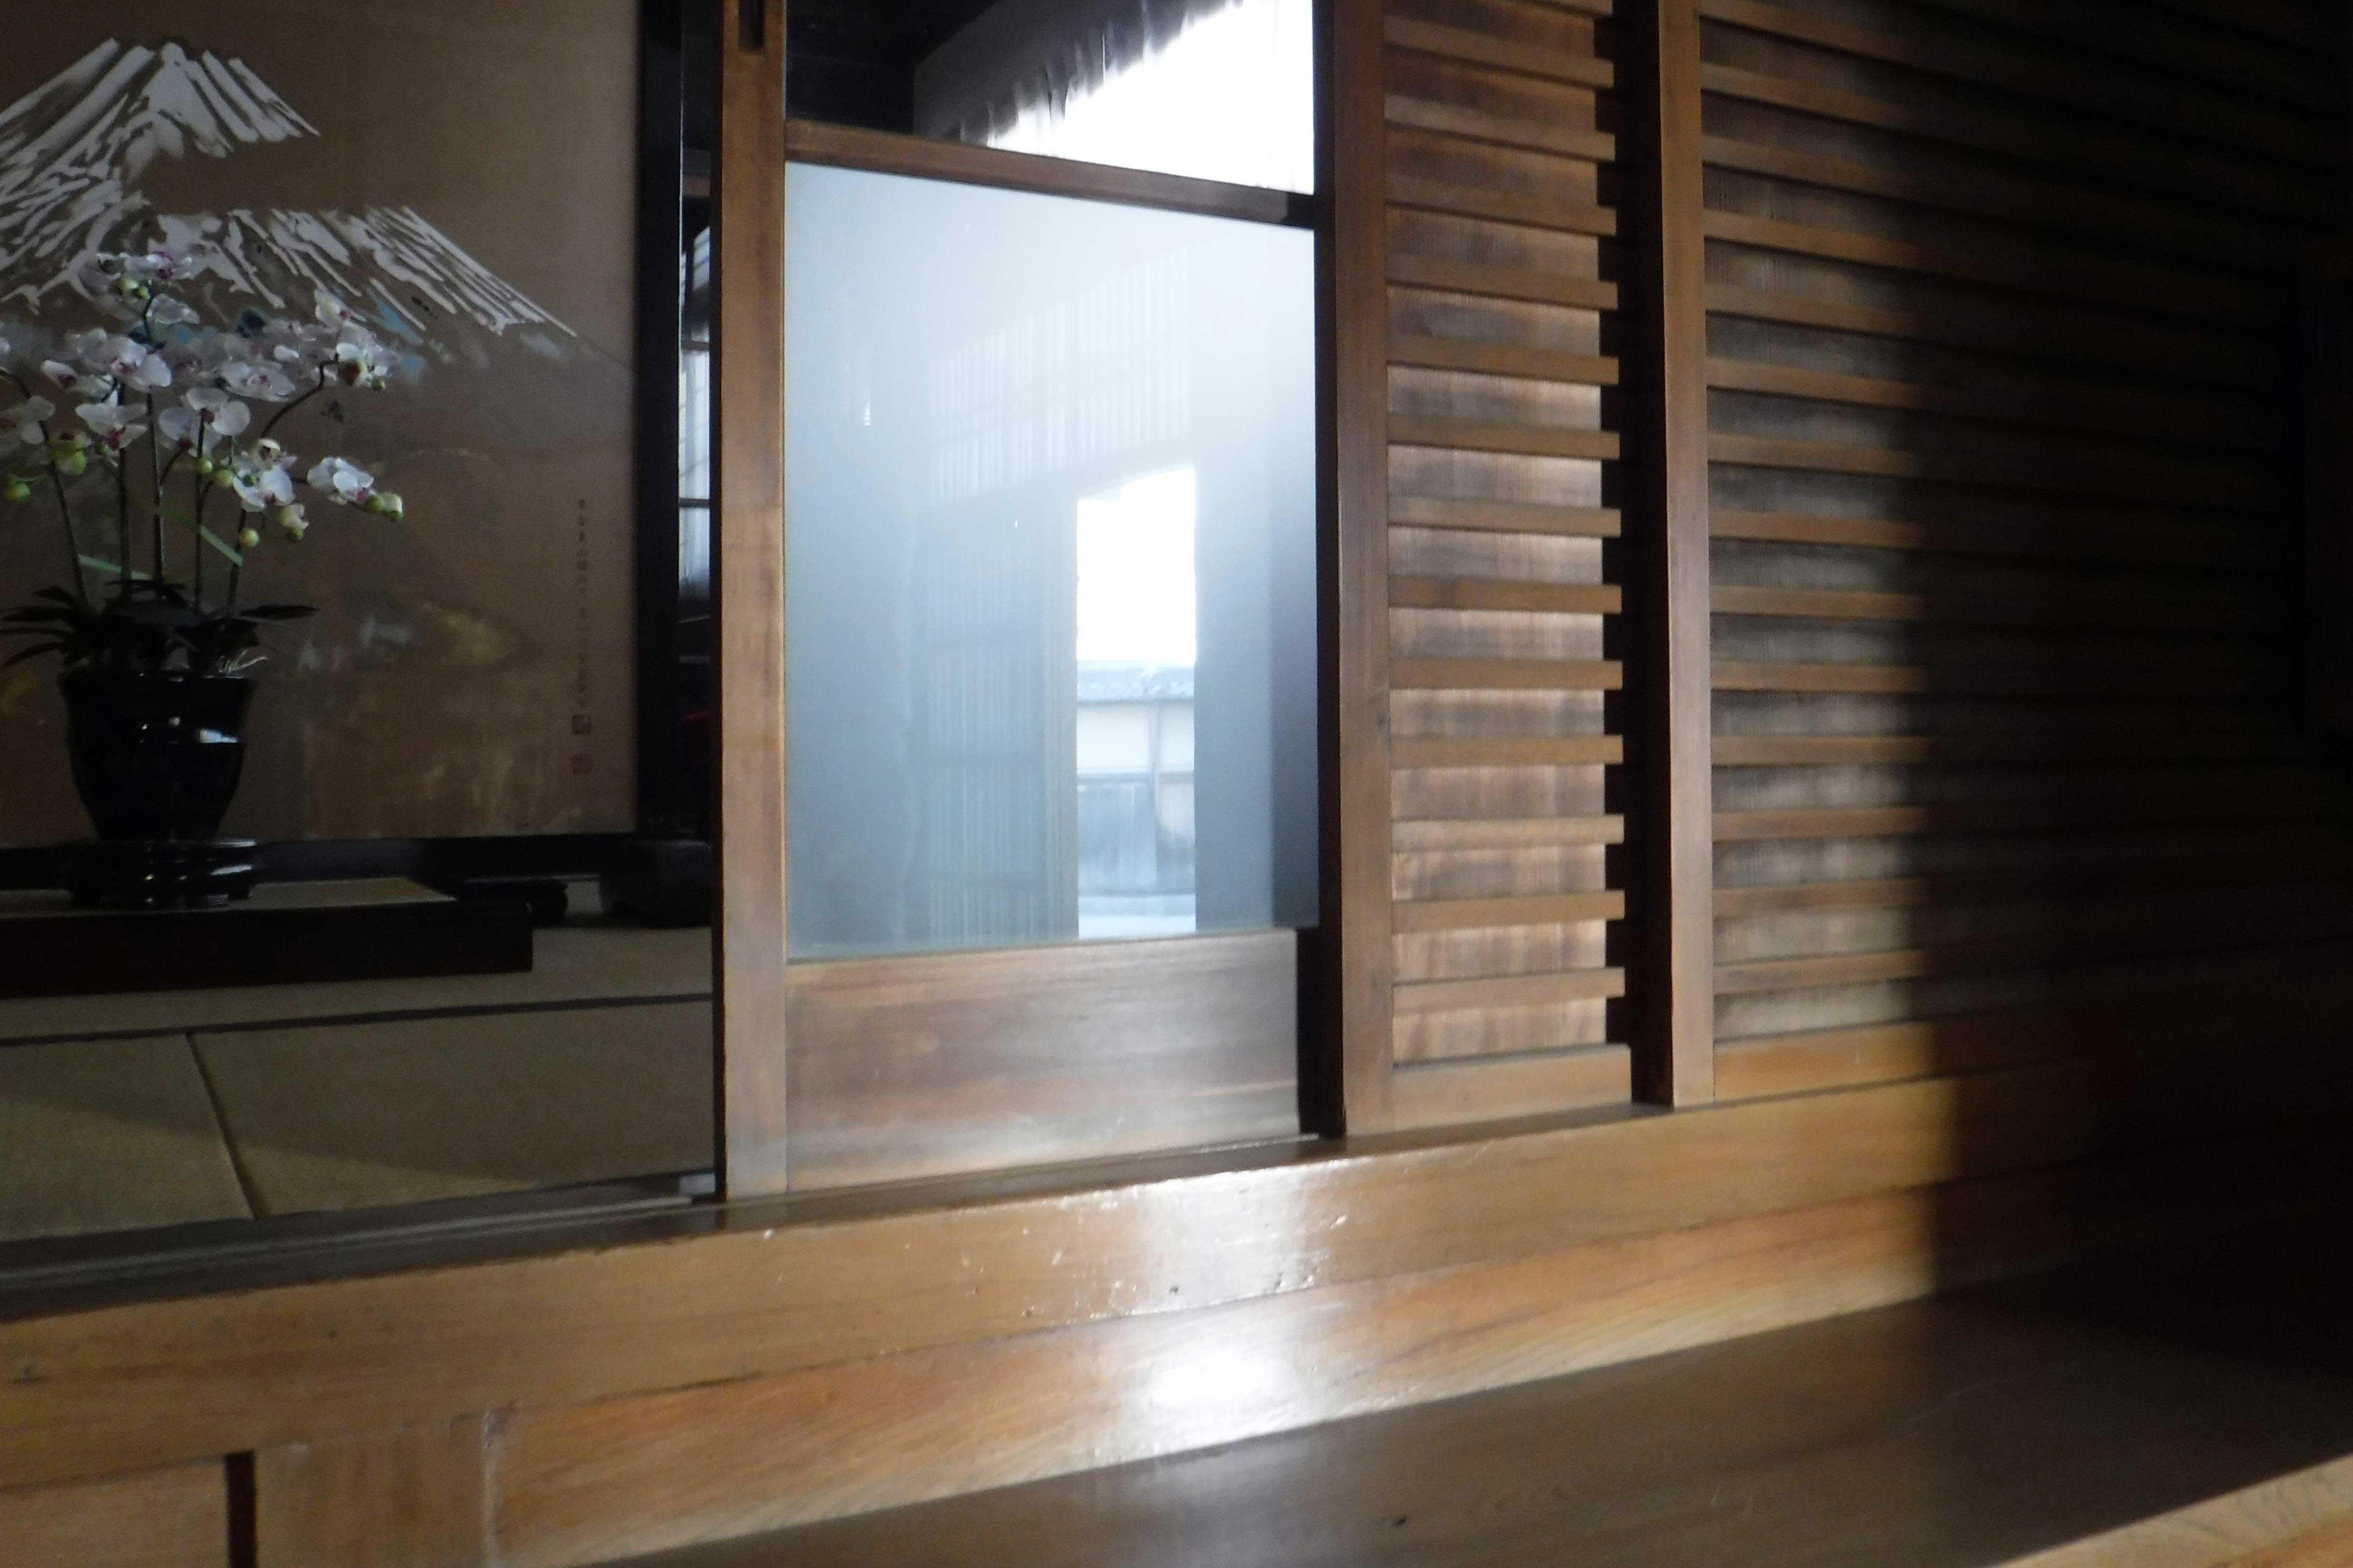 <p>主屋 玻璃門と舞良戸(正面密布木条的板門)</p>当漢方医時作為等候室,之後改為玻璃門的。